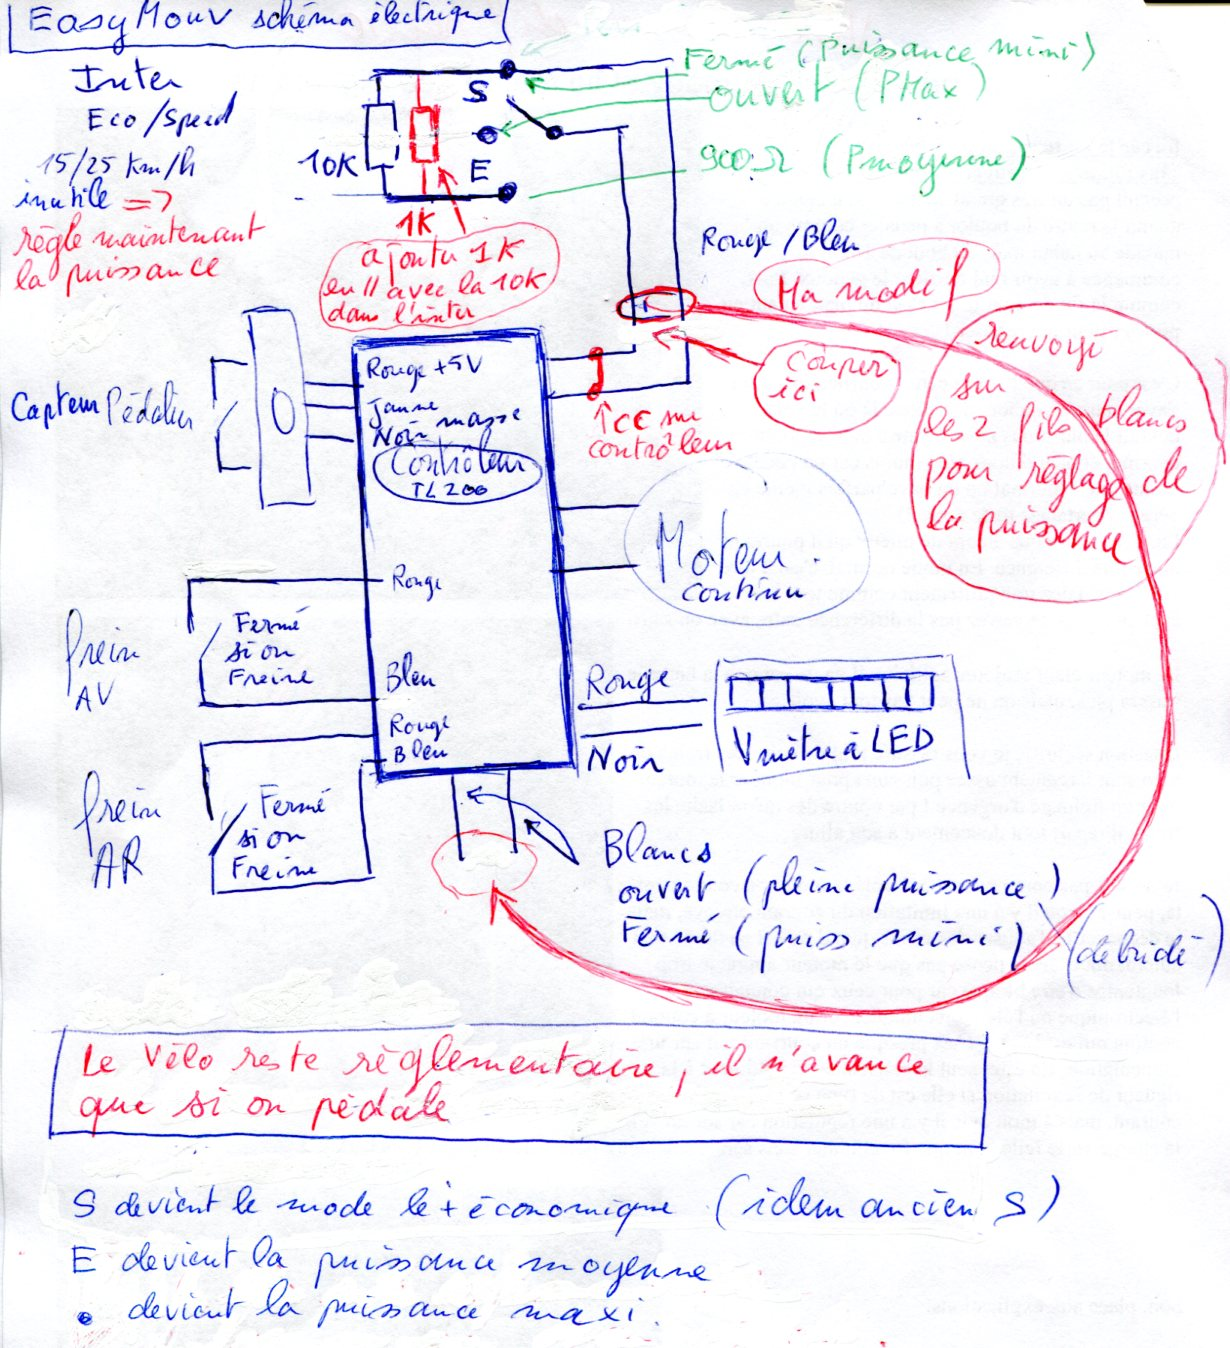 Schema de cablage velo electrique